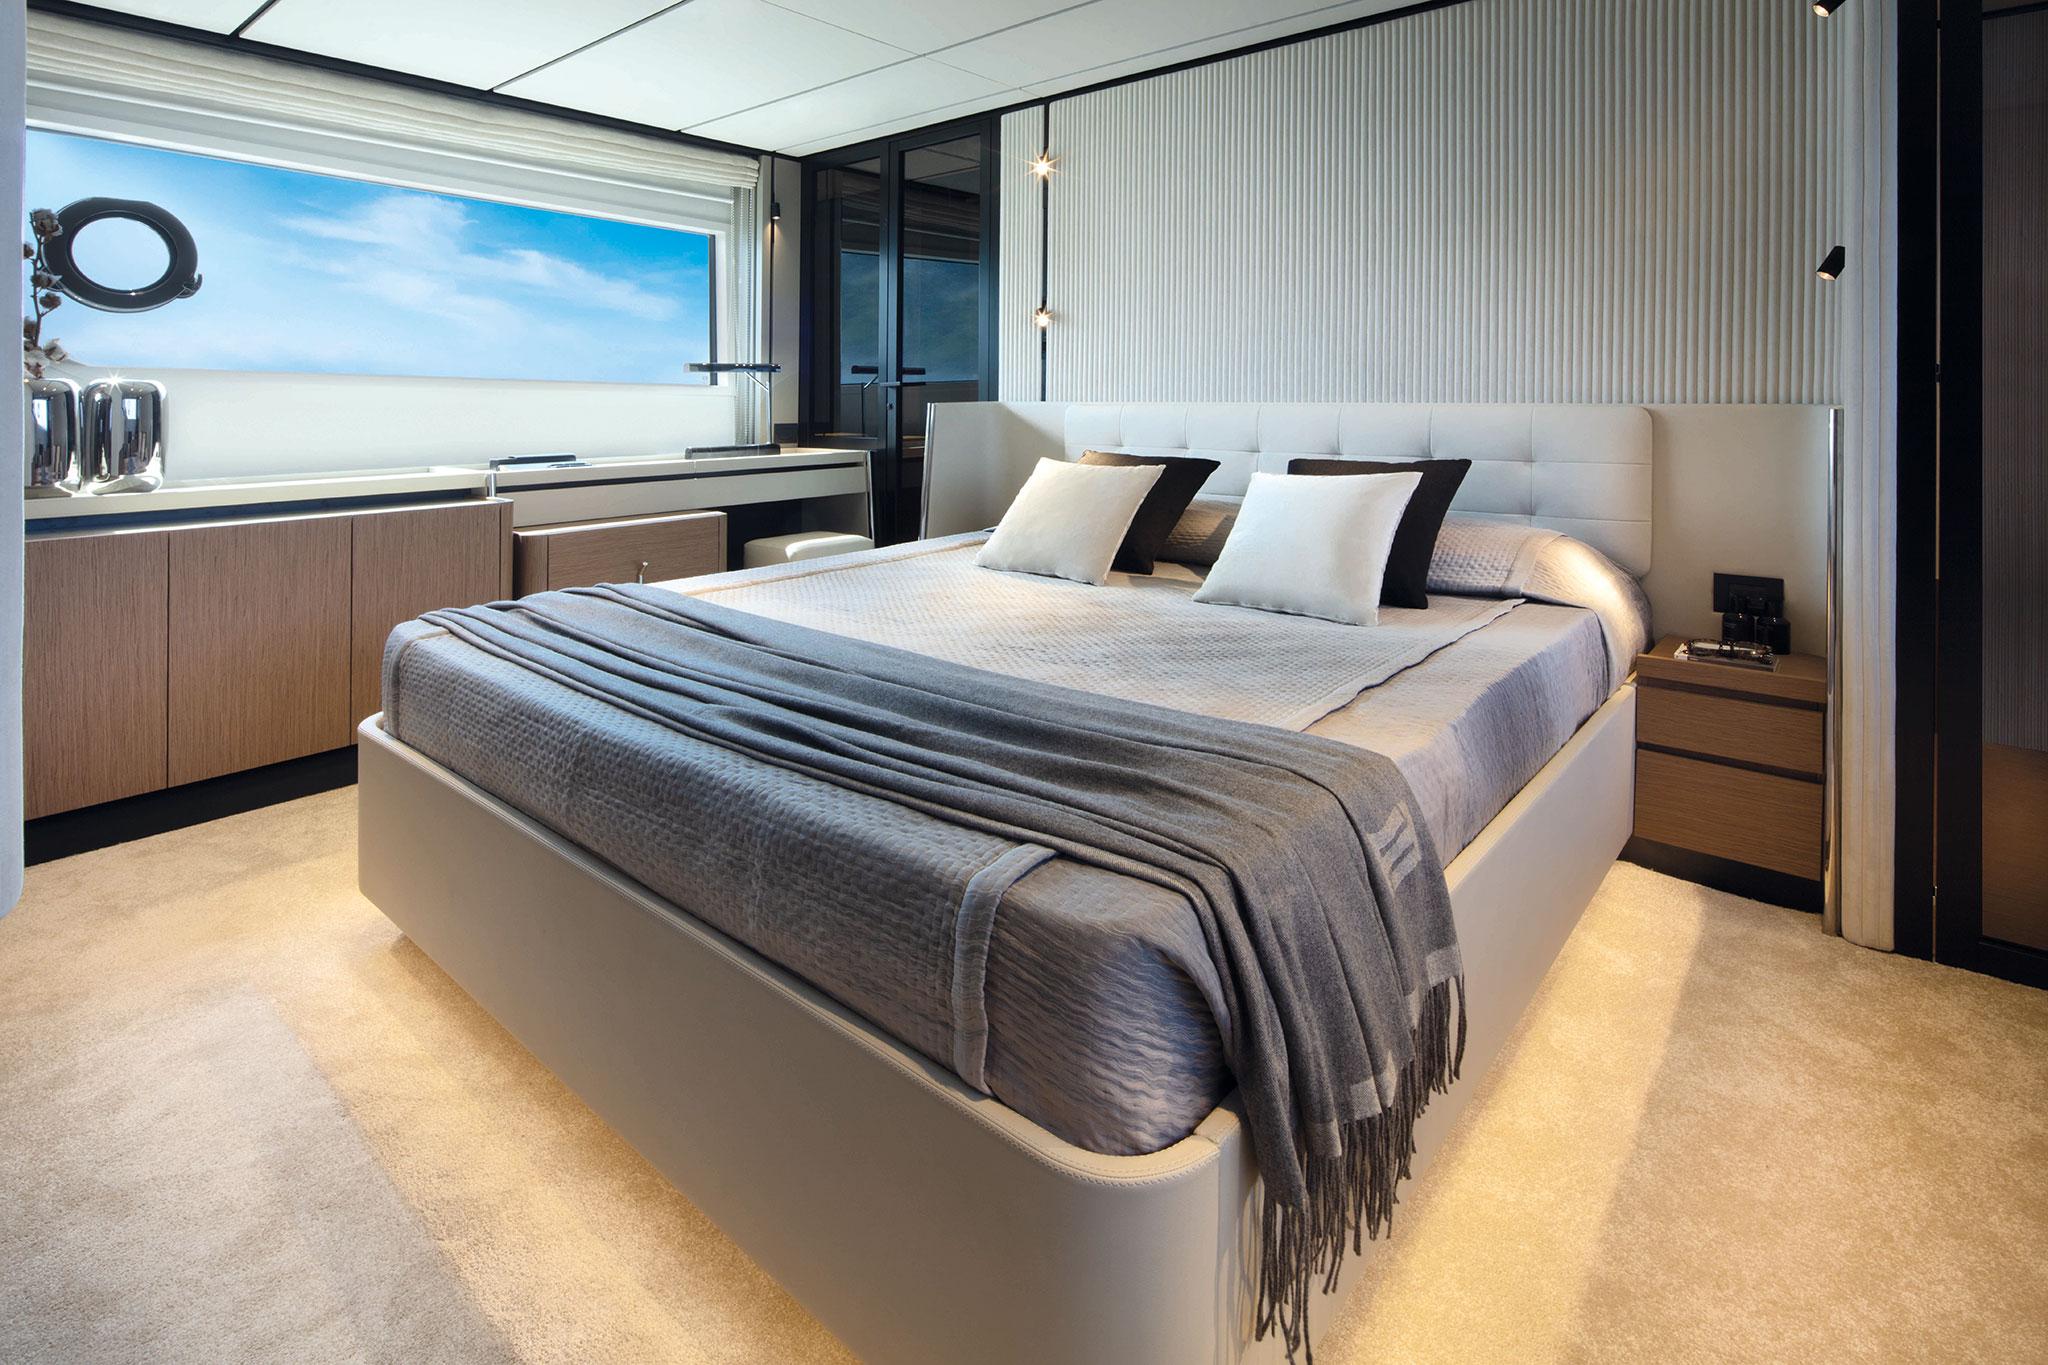 ferretti-Yachts-720-master-cabin-yachts-france-173